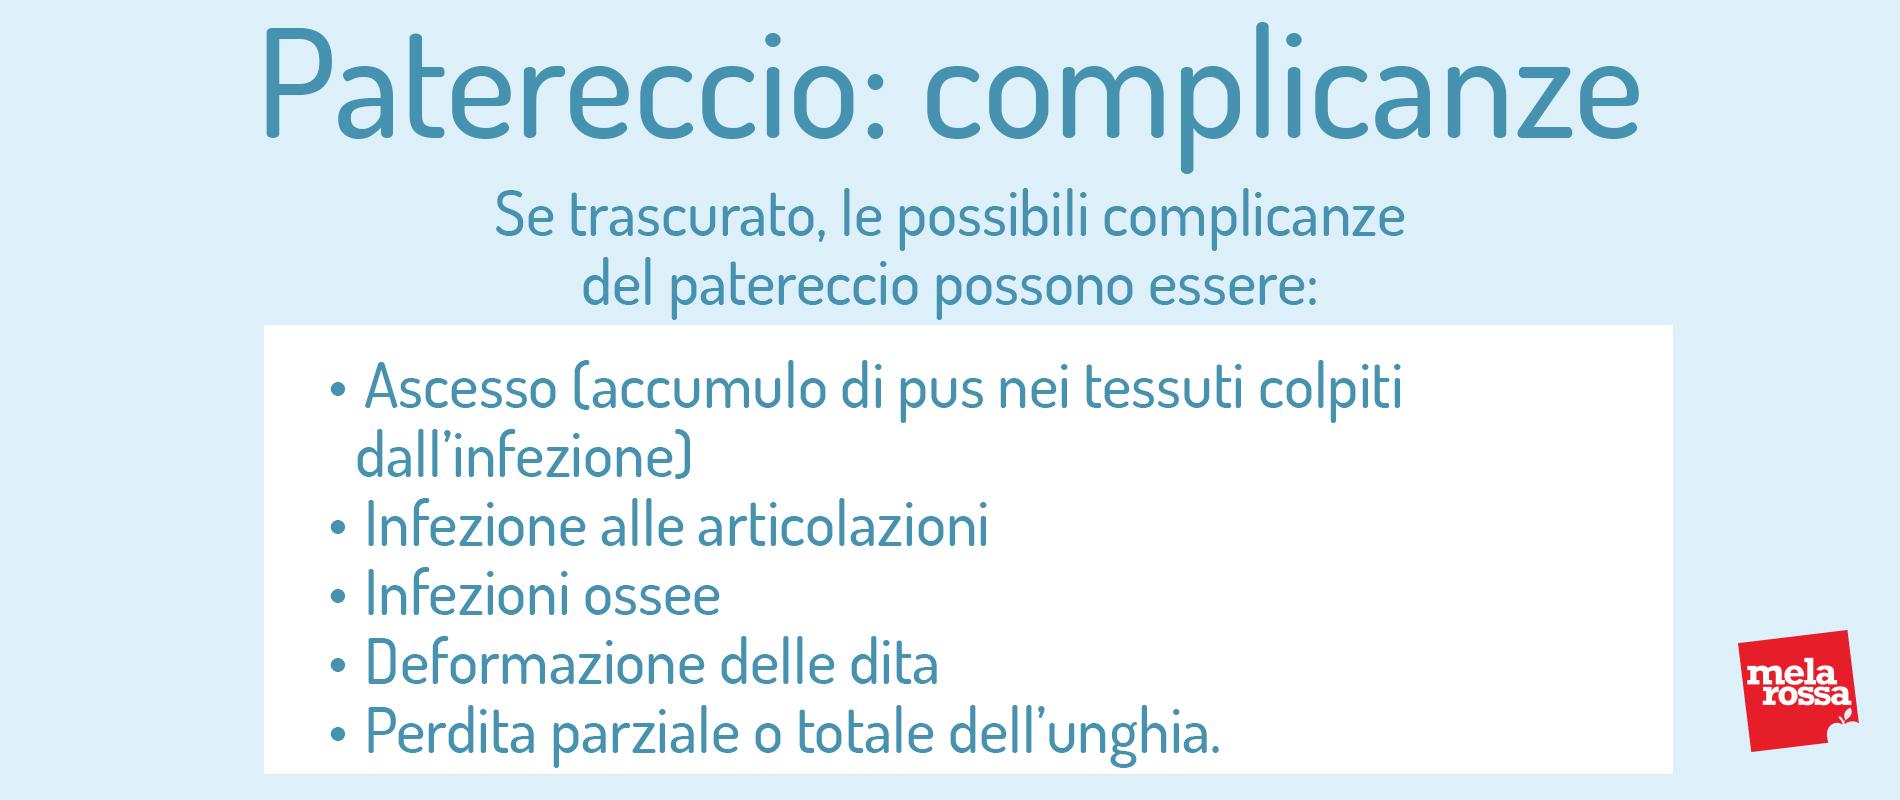 patereccio: complicanze